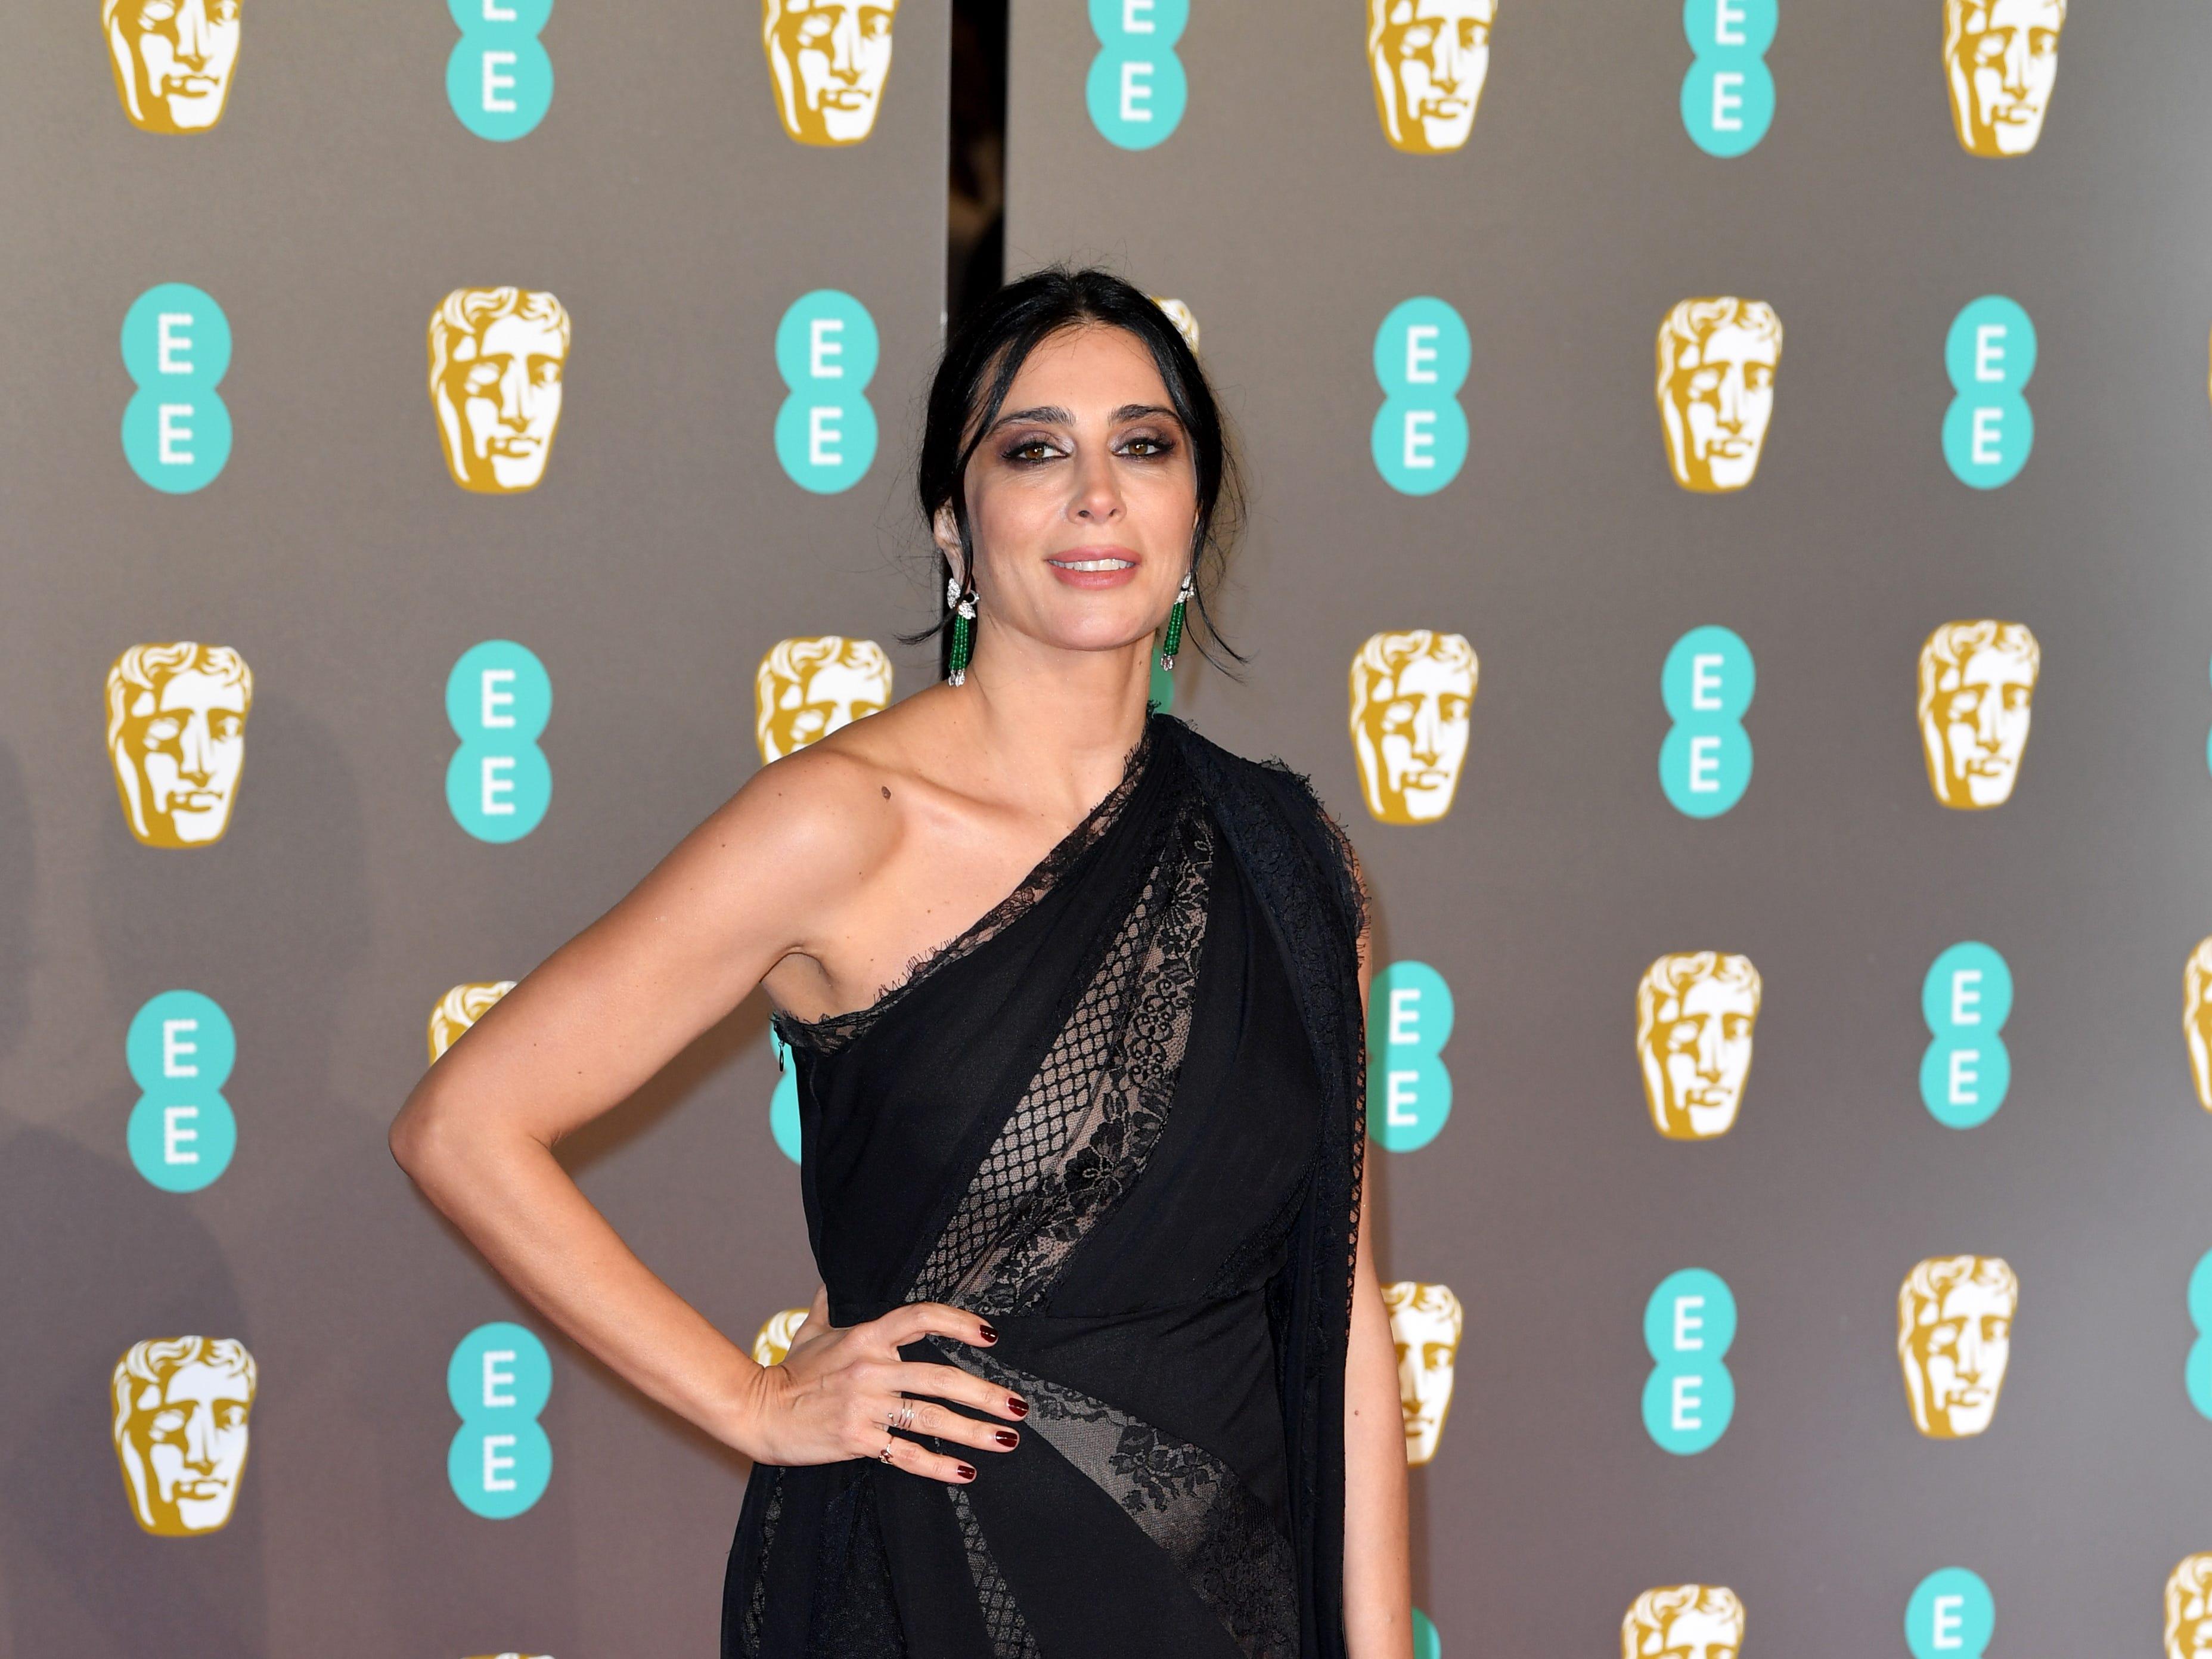 Nadine Labaki a su llegada a la alfombra roja de los Premios de la Academia Británica de Cine BAFTA en el Royal Albert Hall en Londres el 10 de febrero de 2019.